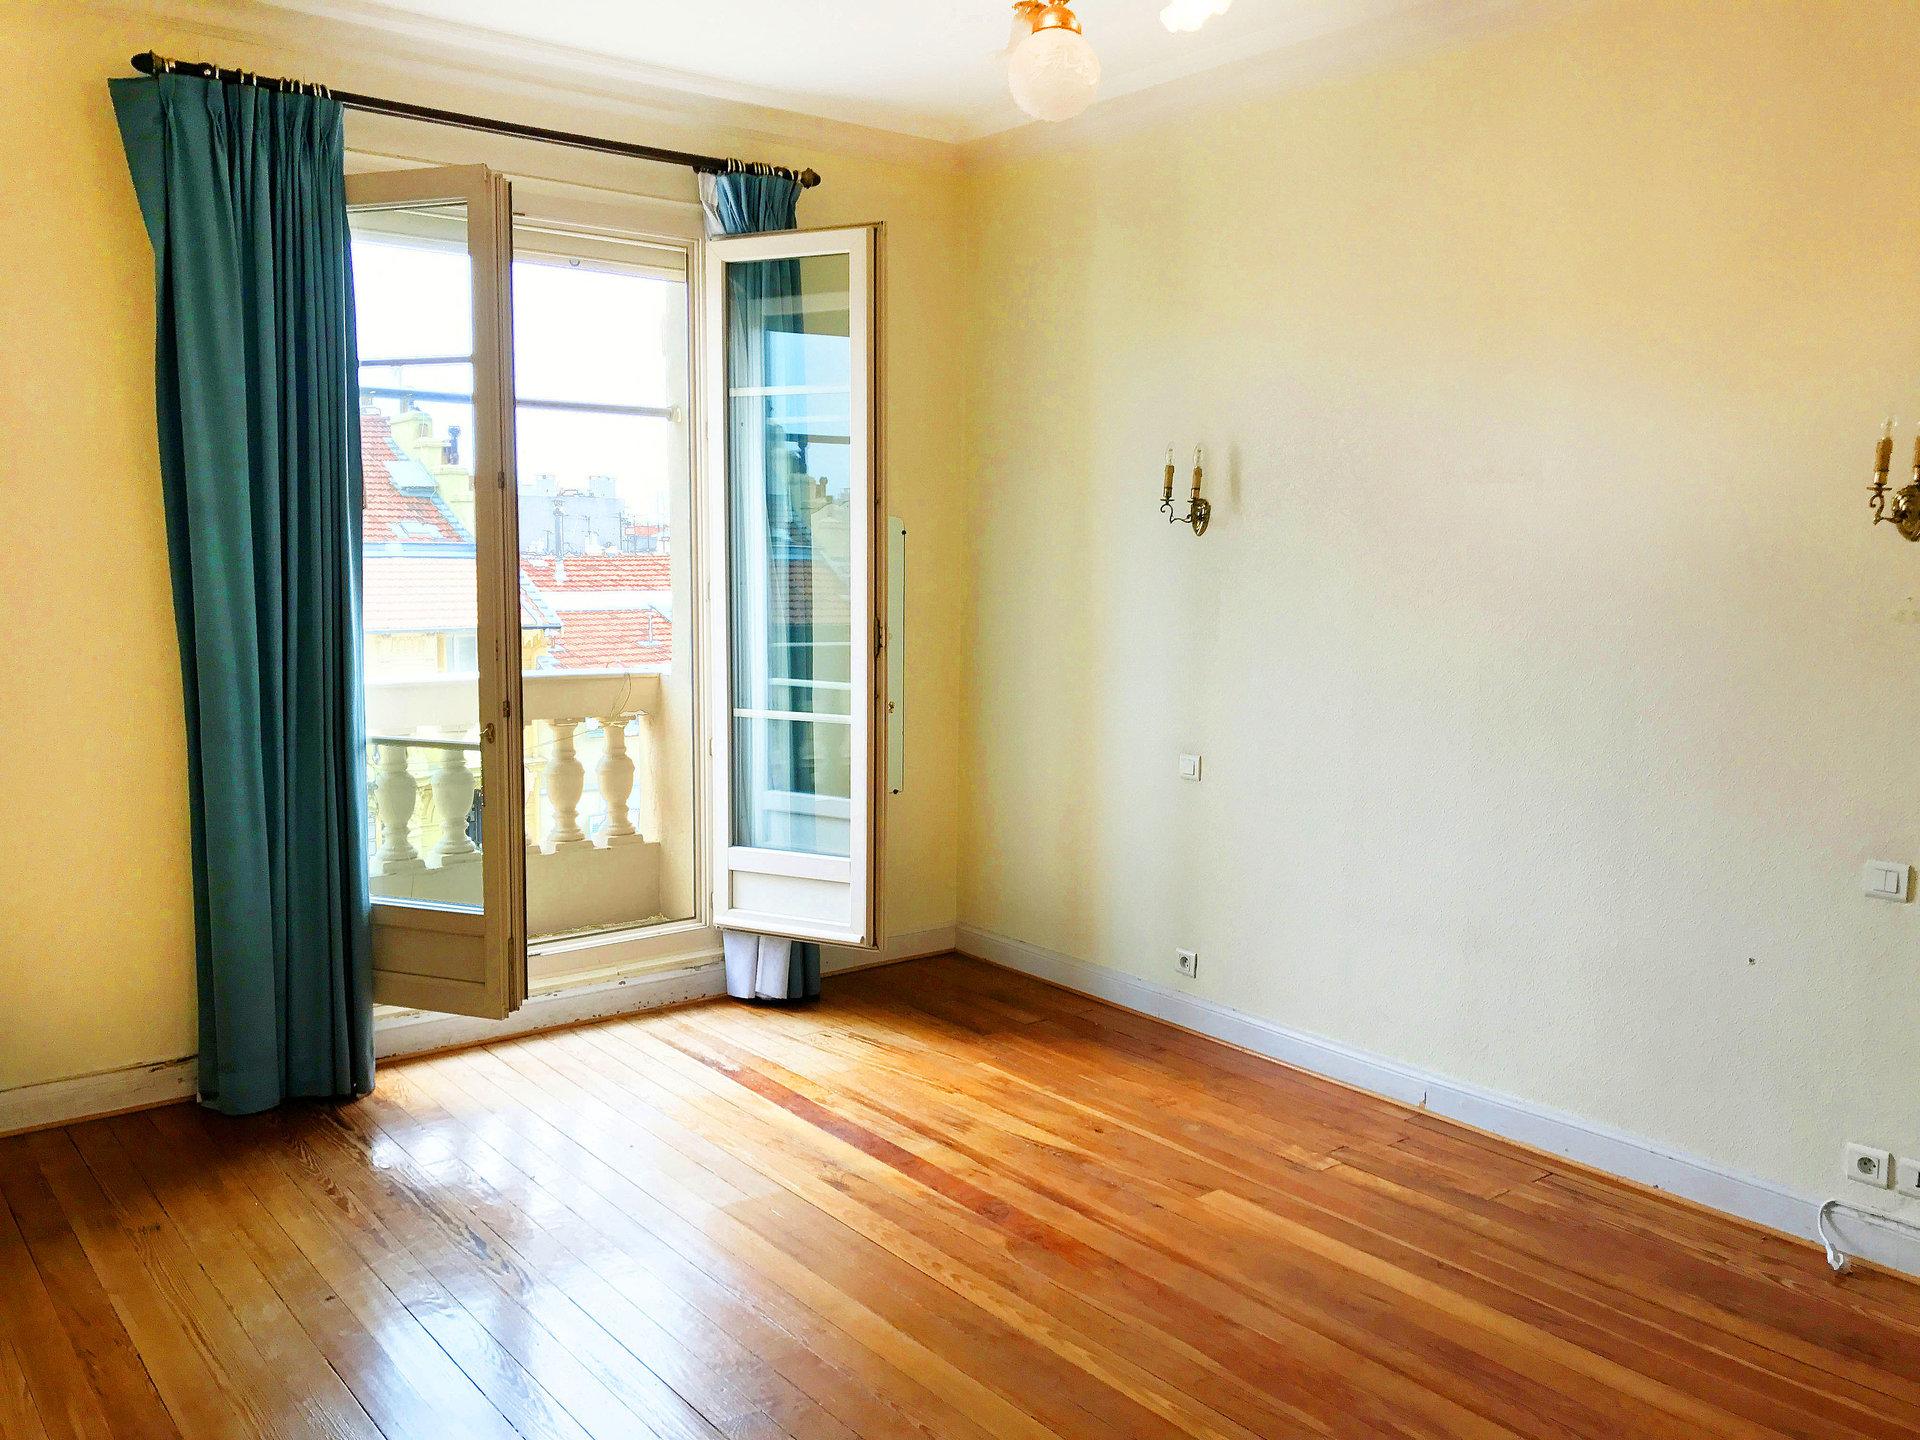 LIBERATION 4 Pièces 117 m² 1510 € cc